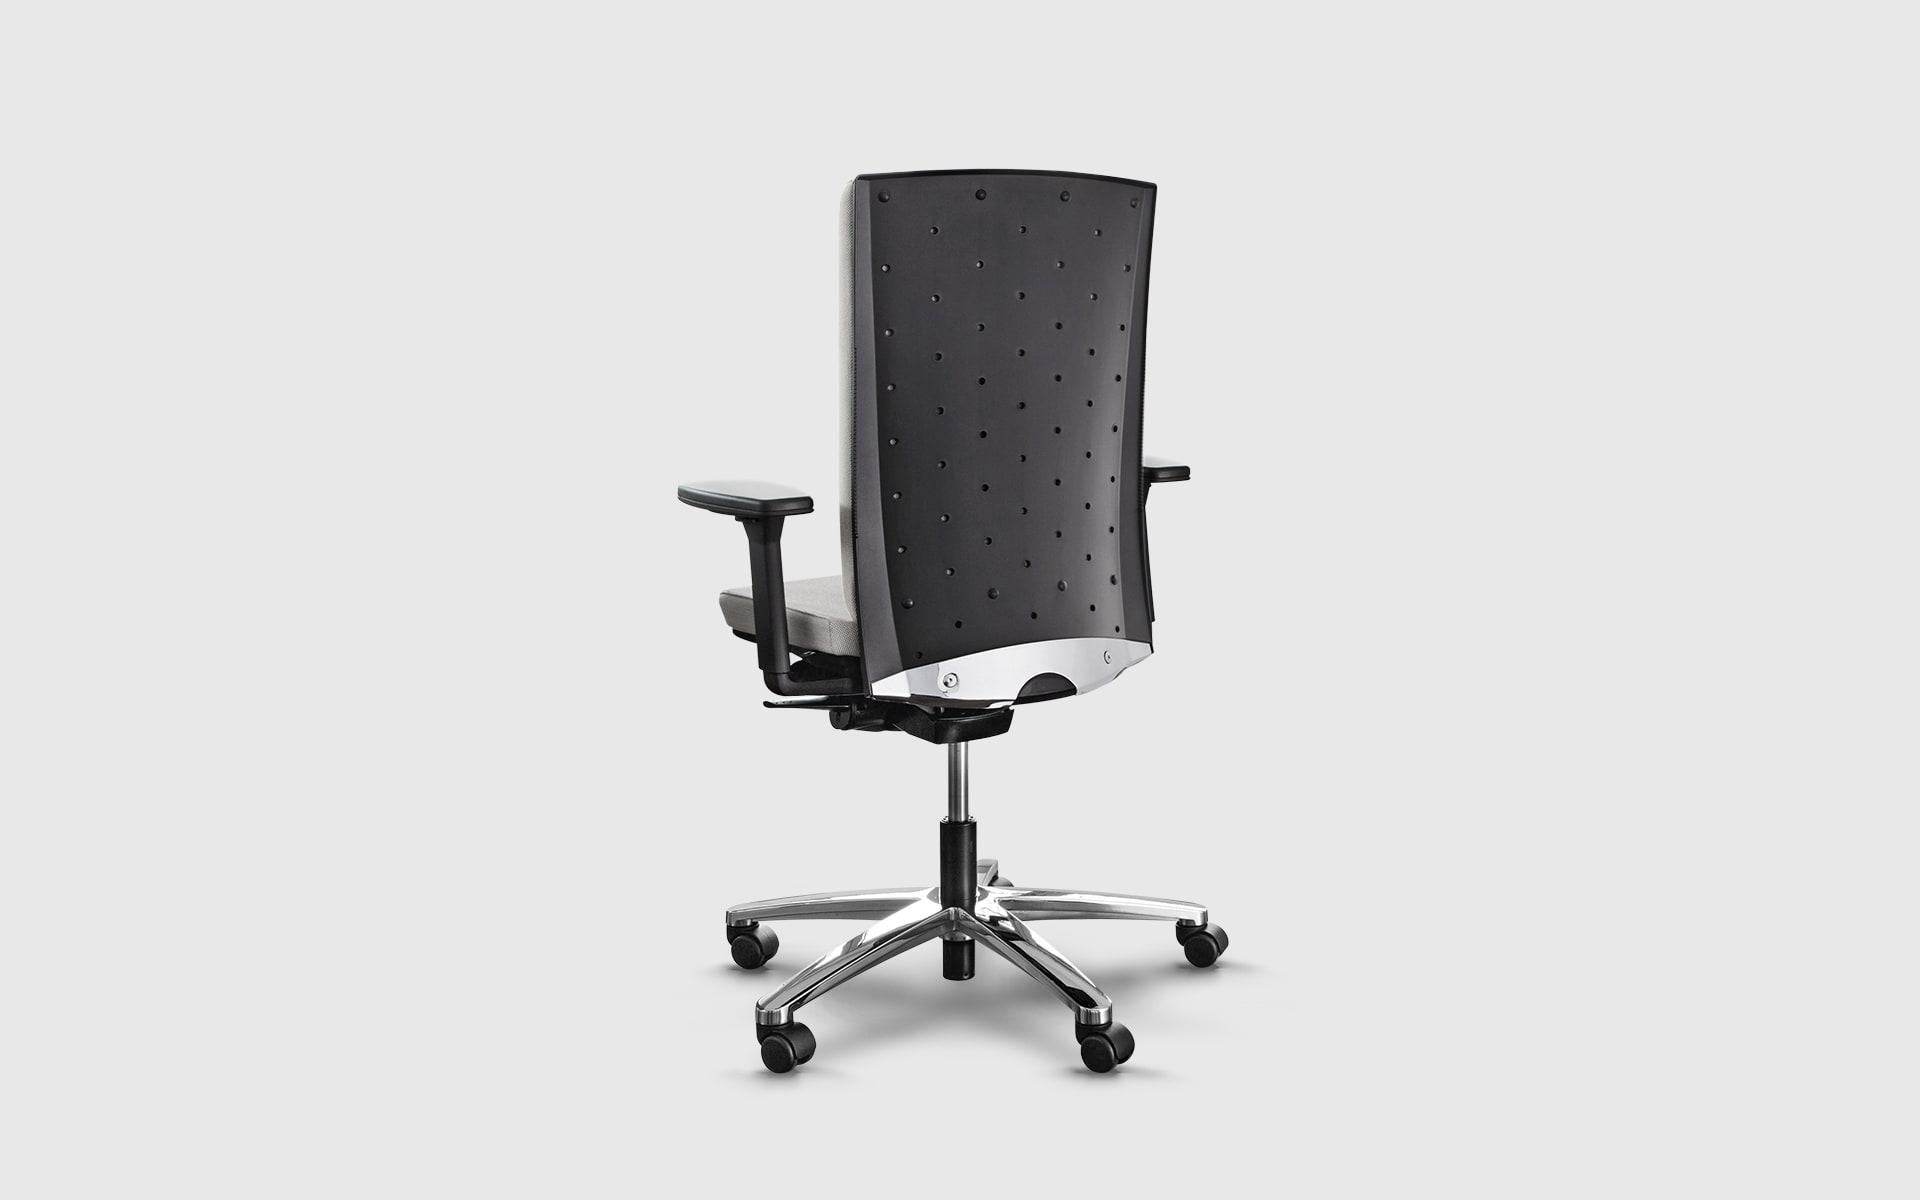 König + Neurath Tensa Bürostuhl von ITO Design mit ergonomischer schwarzer Lehne